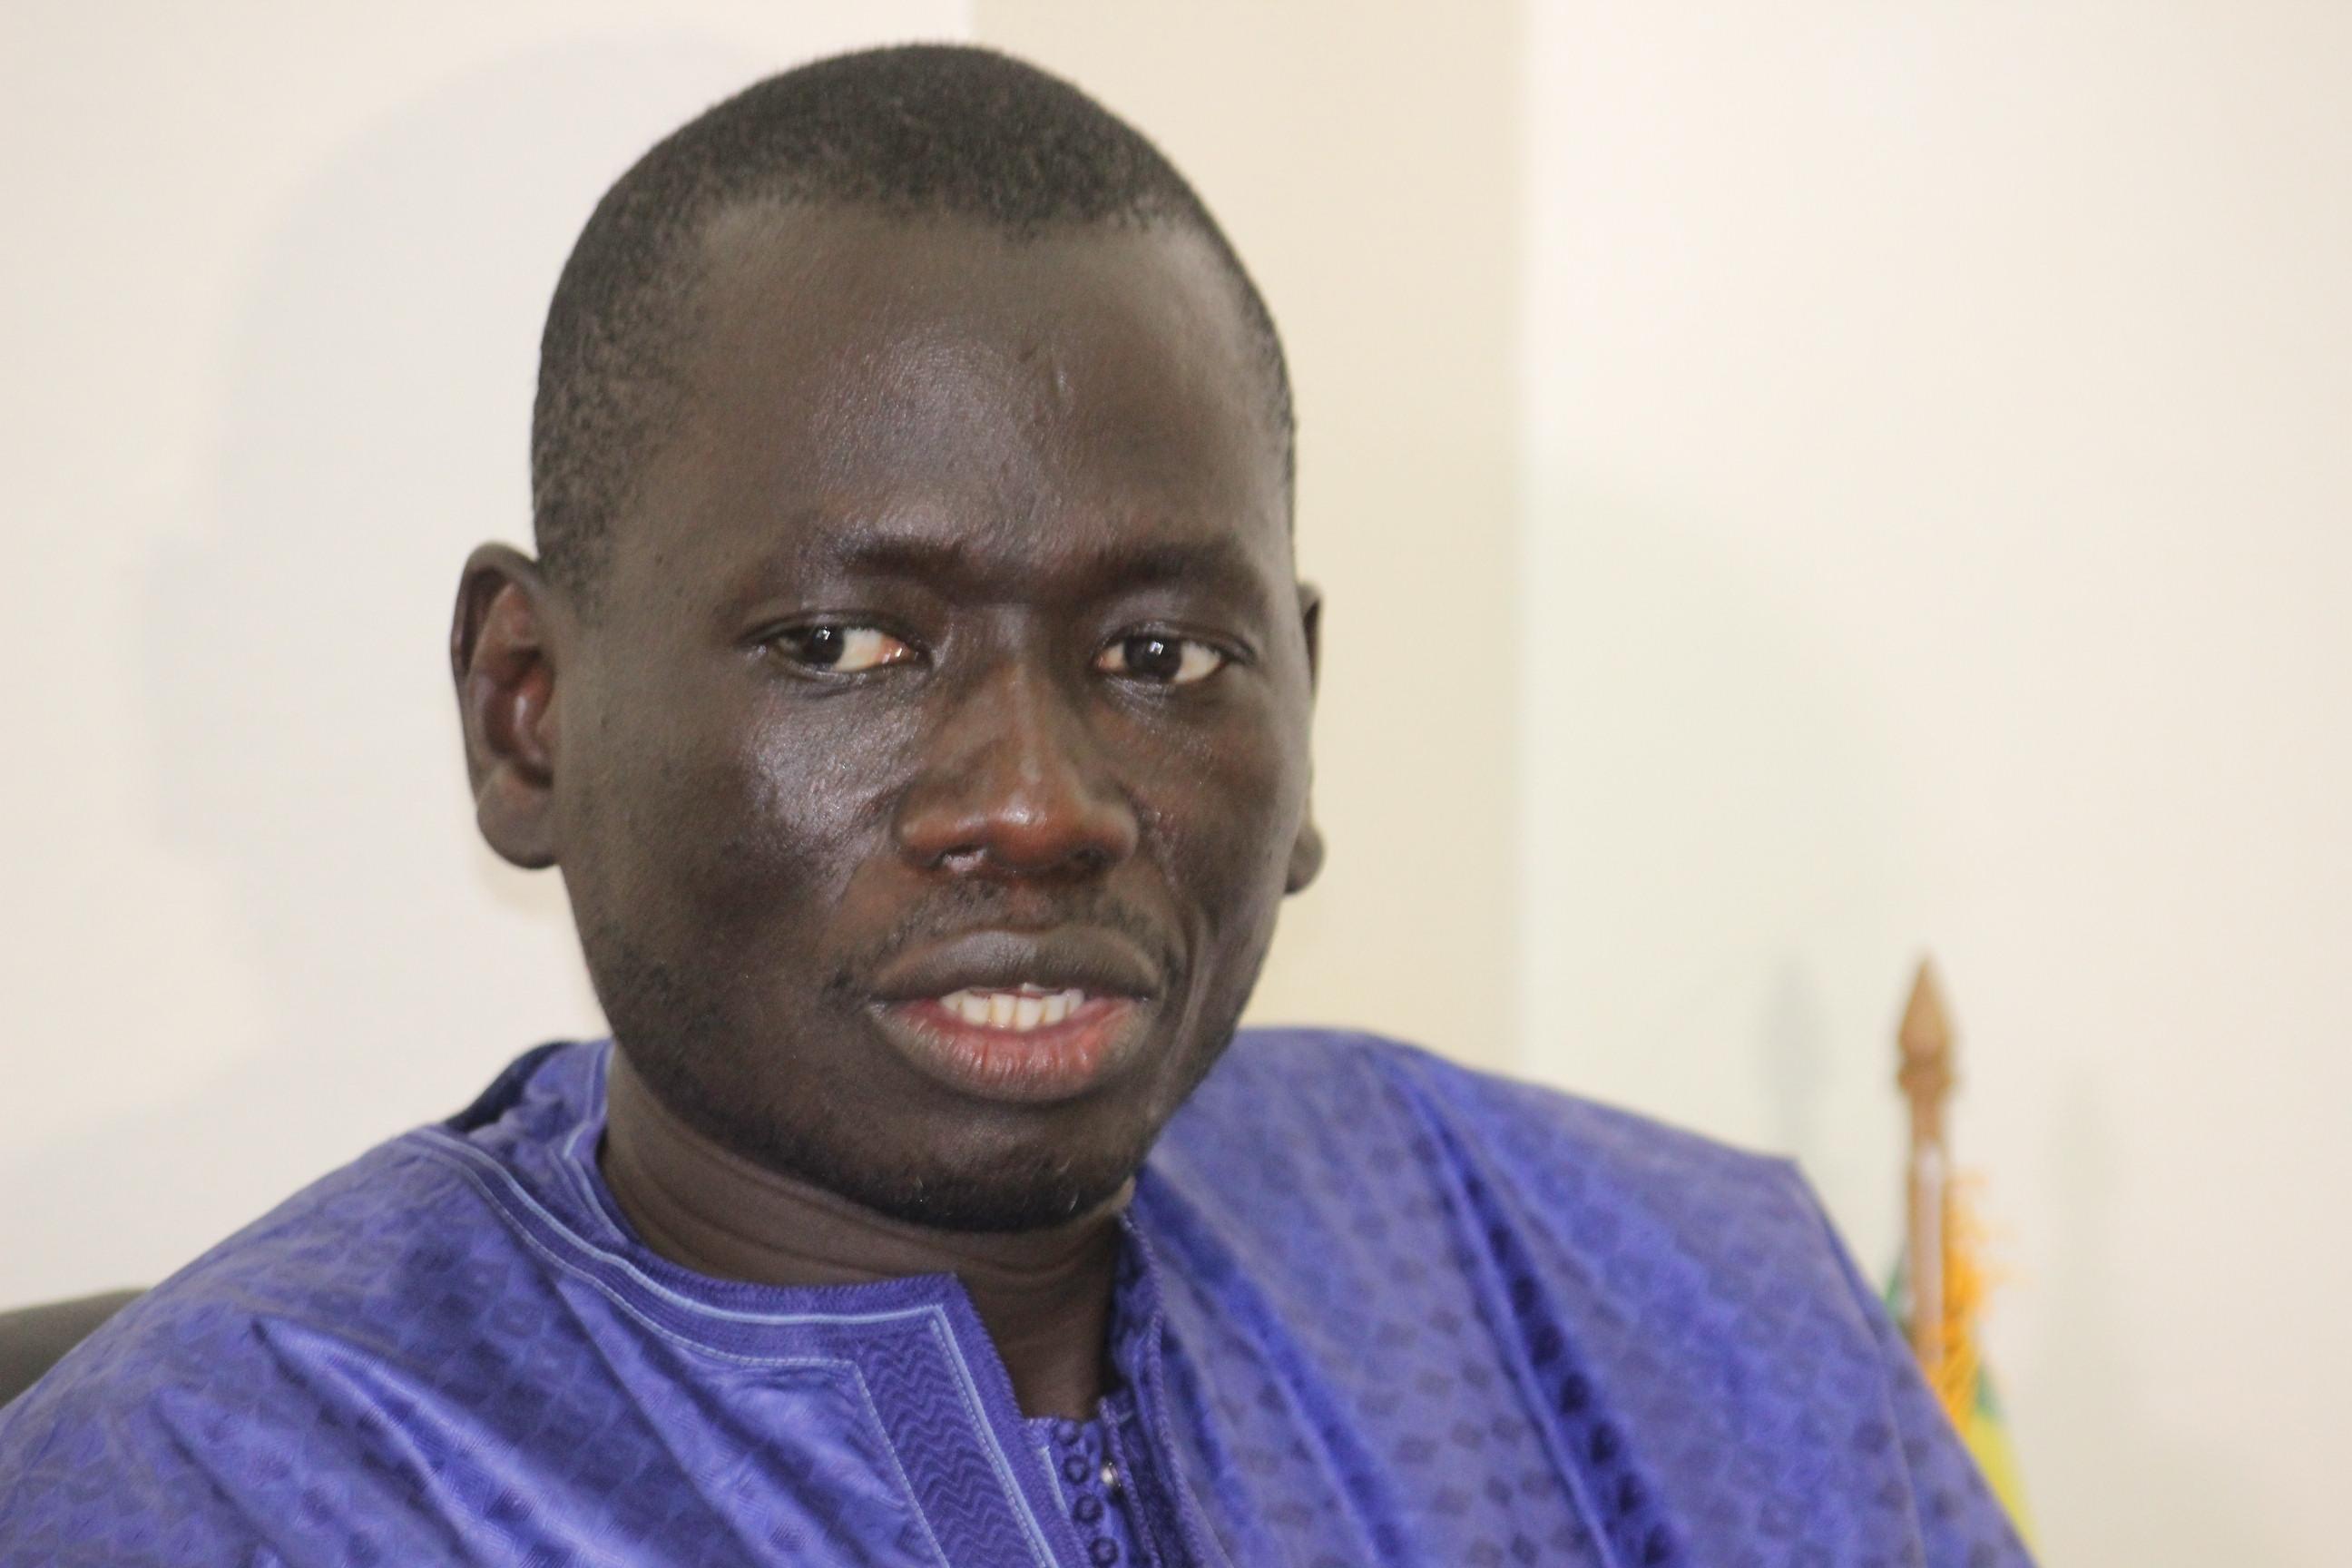 Crise à la Ccia : Serigne Mboup désapprouve l'attitude des travailleurs de la Ccia de Dakar